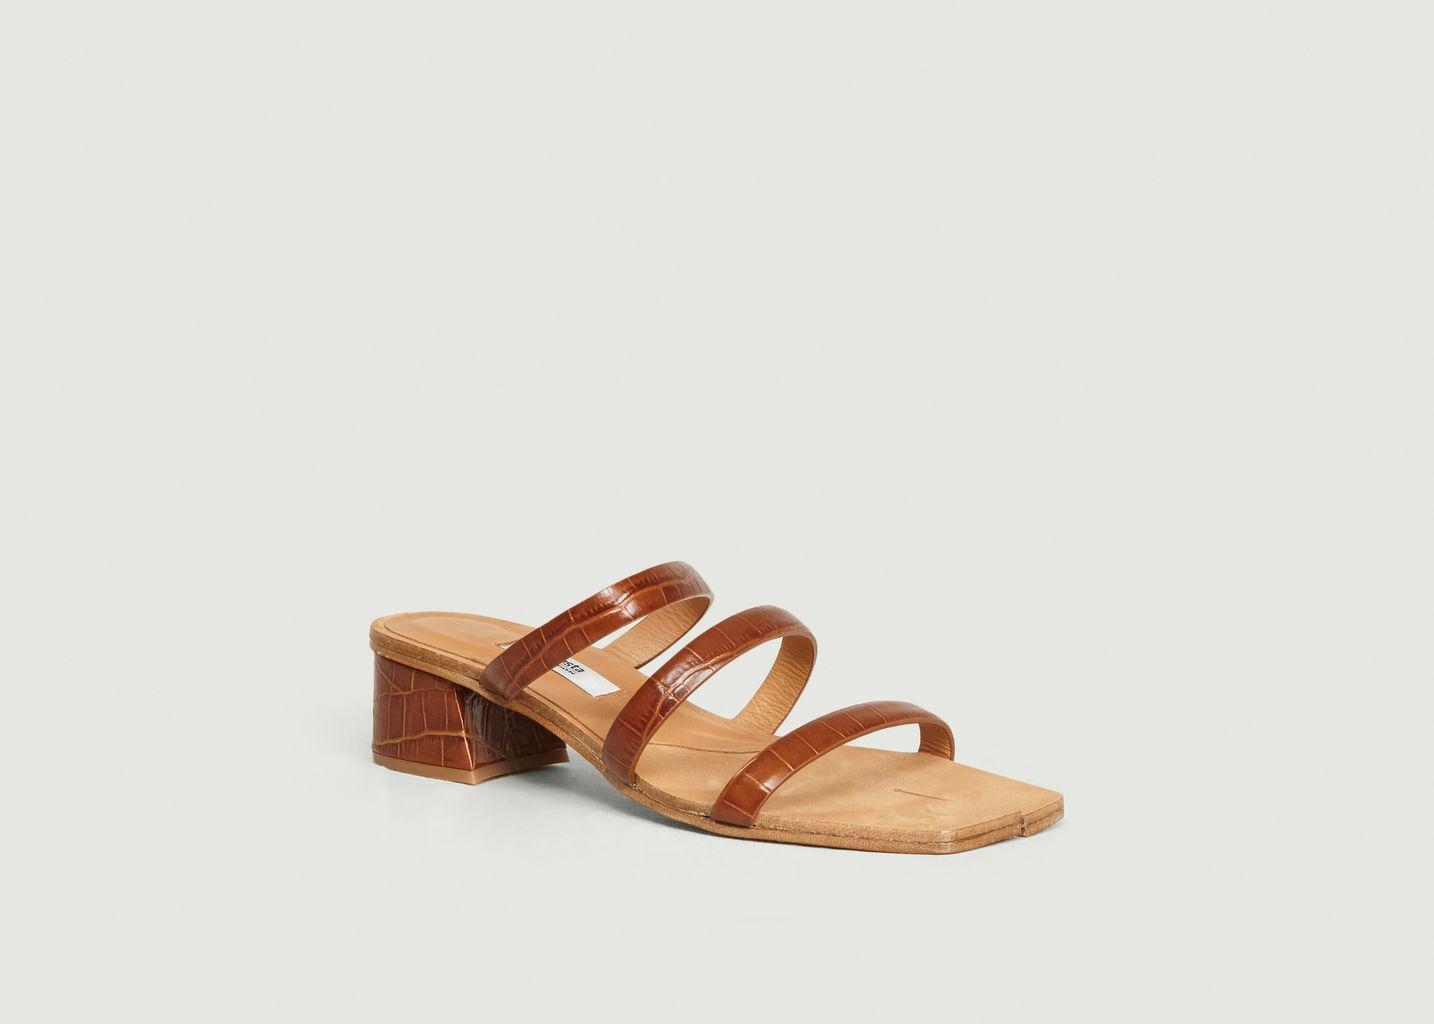 Sandales en cuir motif croco Linley Clay - Miista